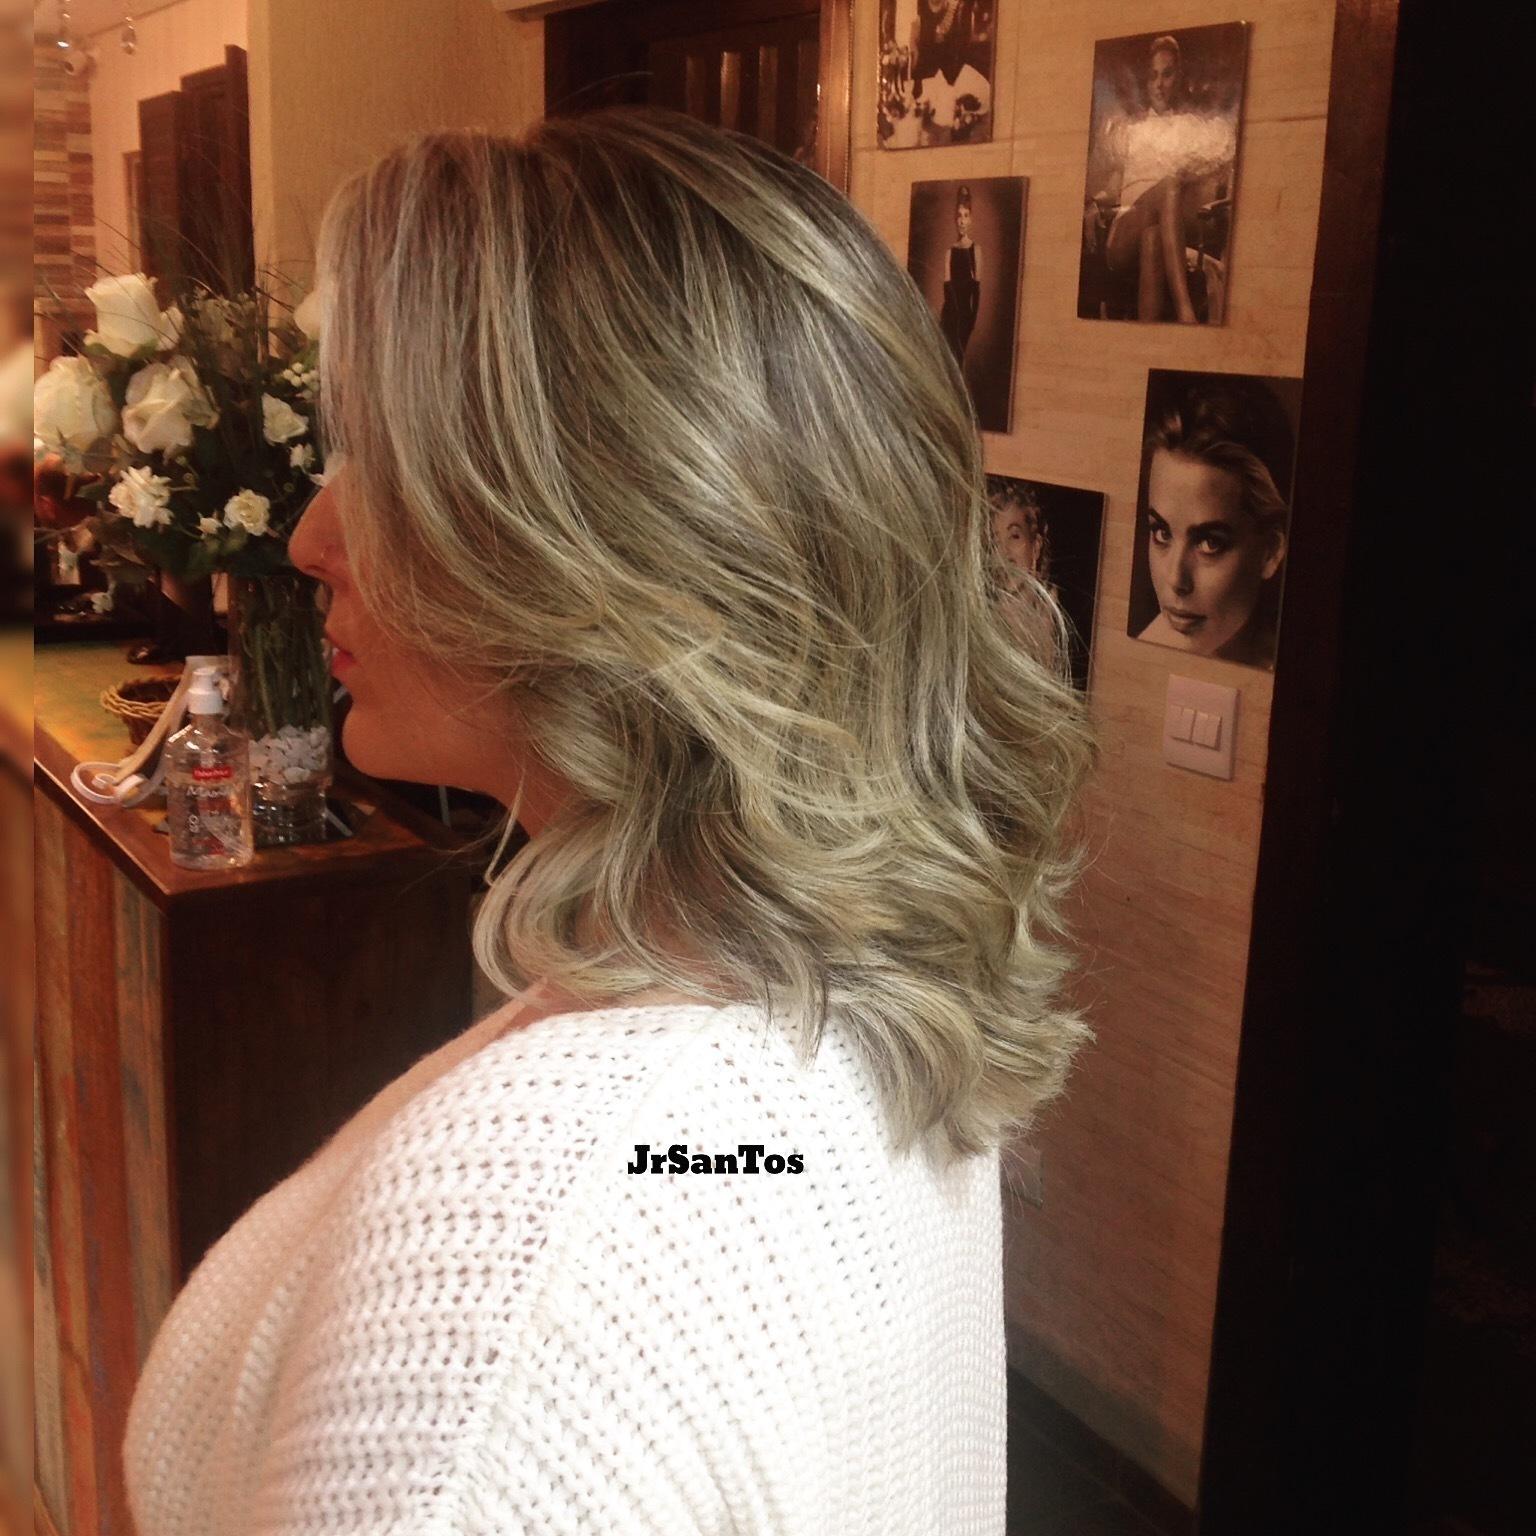 #blondecriacoes #jrsantos cabelo cabeleireiro(a)